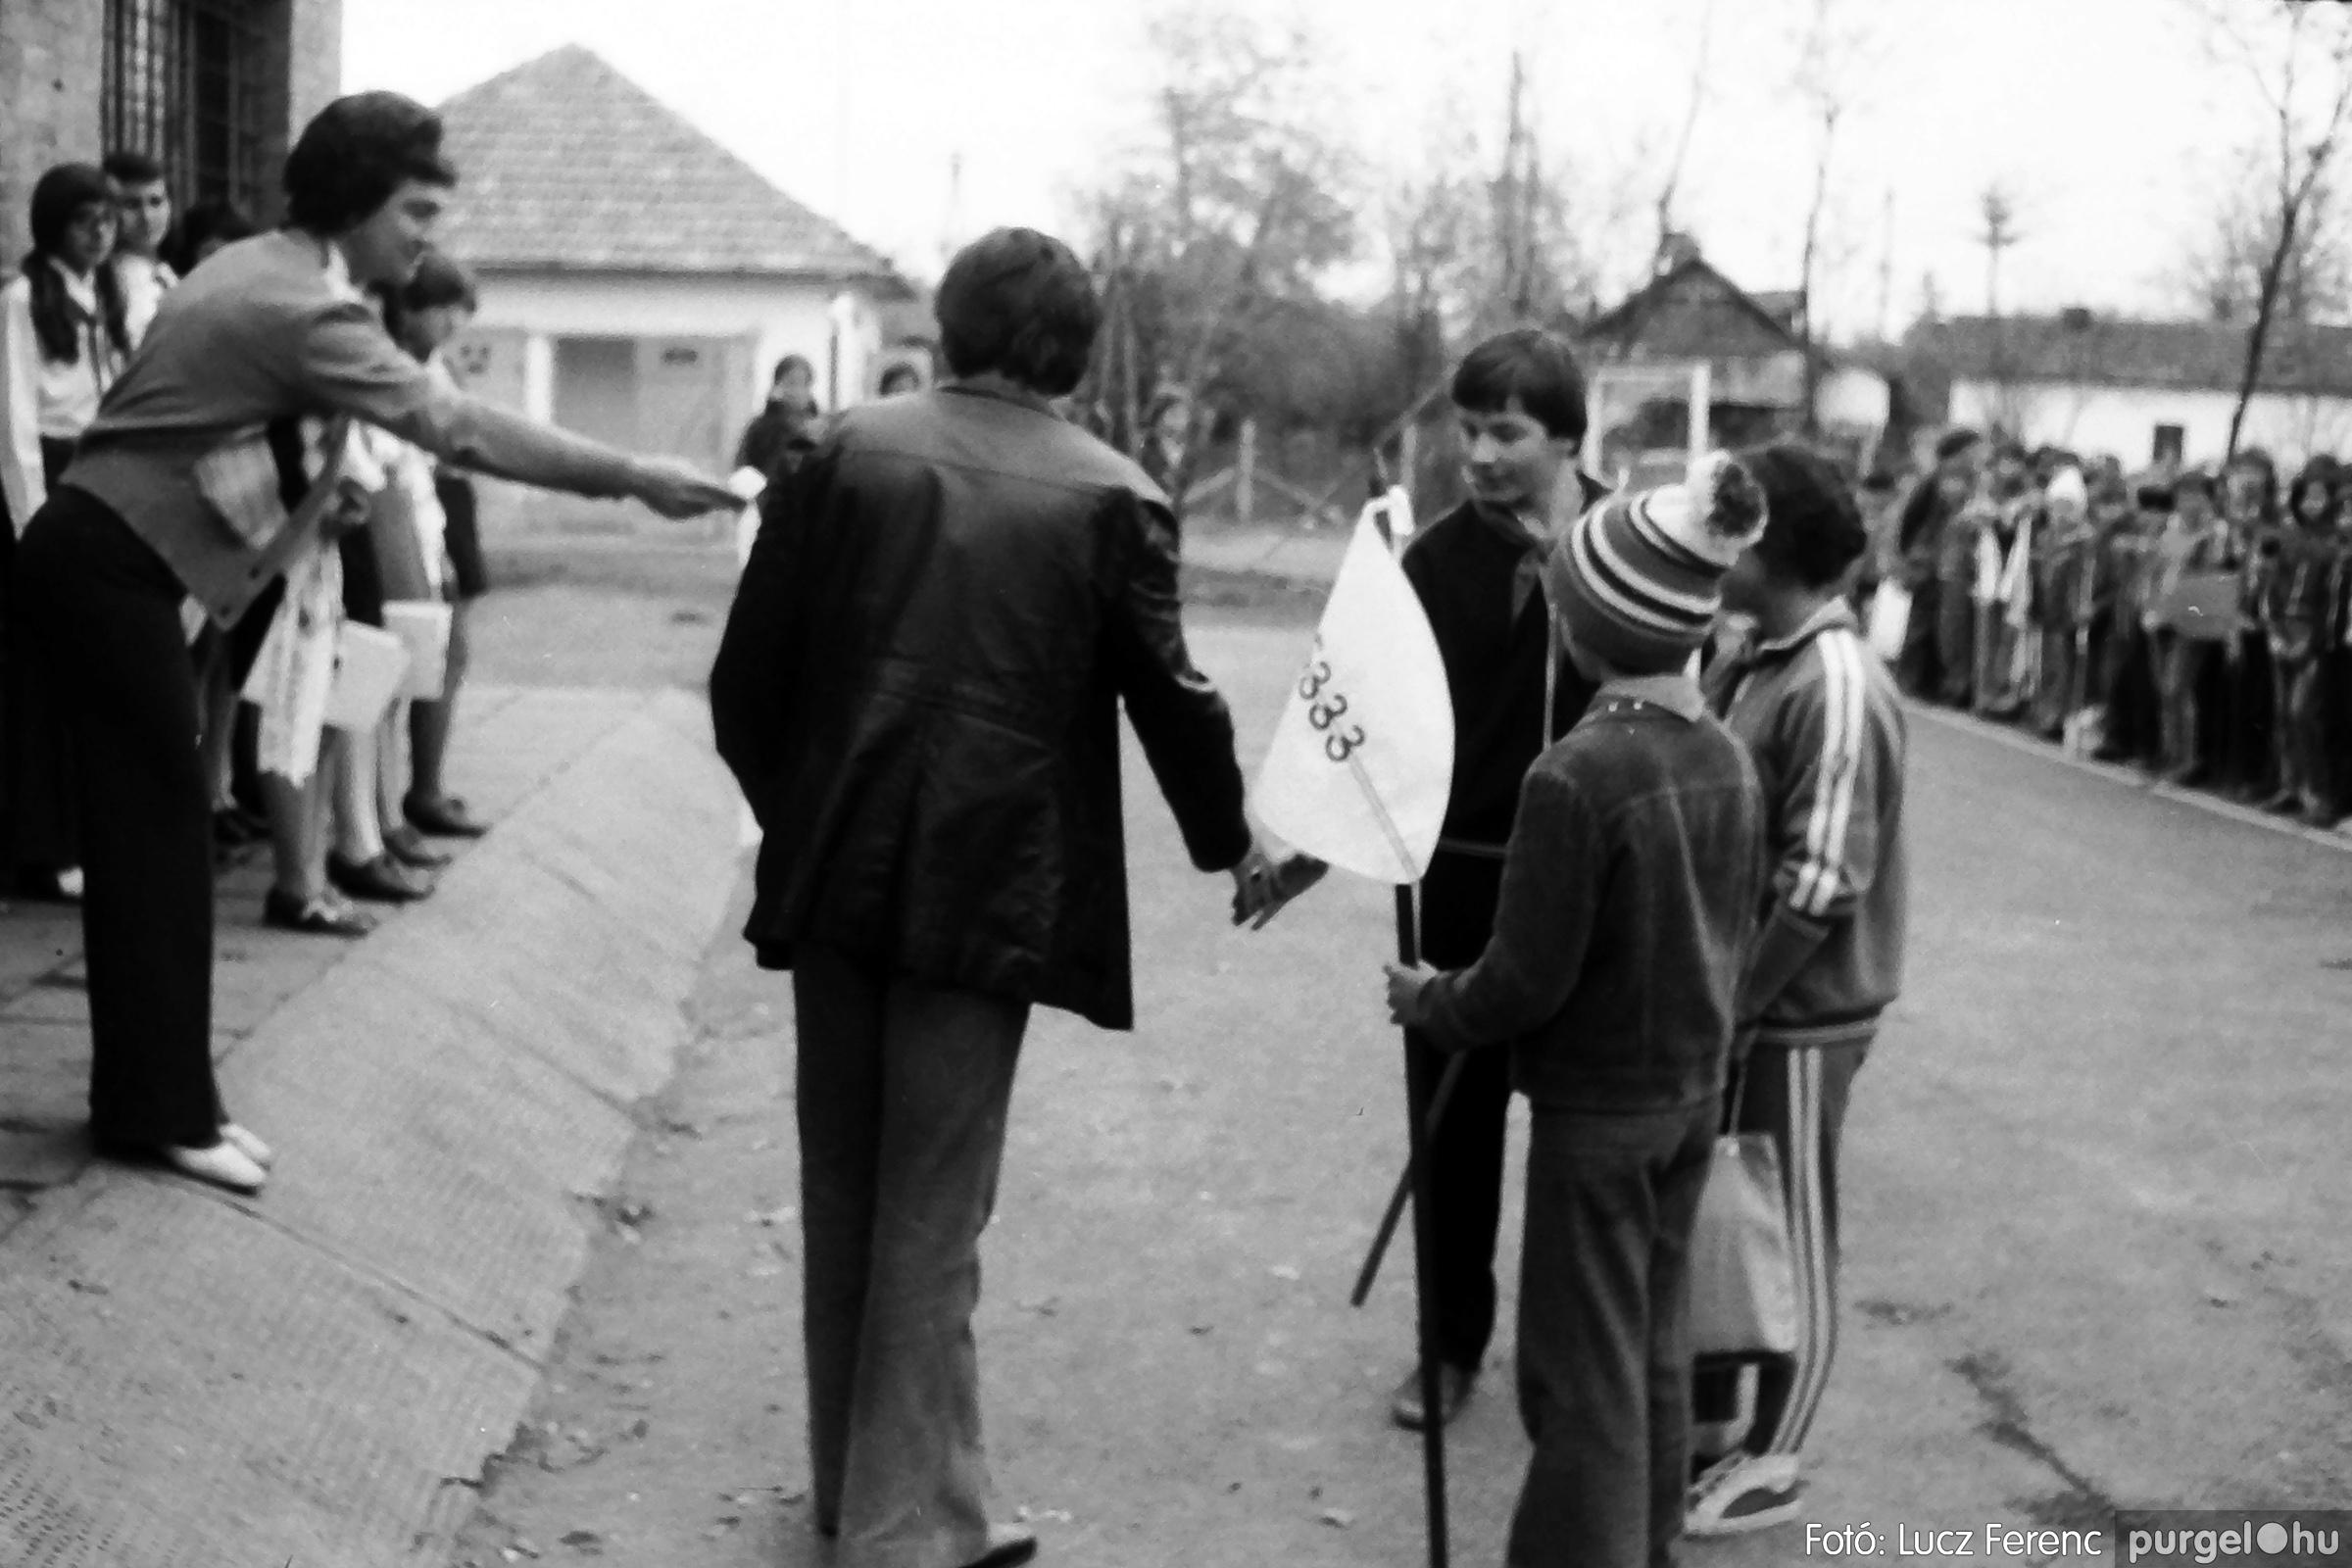 092. 1977. Úttörő rendezvény a Központi Általános Iskolában 023. - Fotó: Lucz Ferenc.jpg